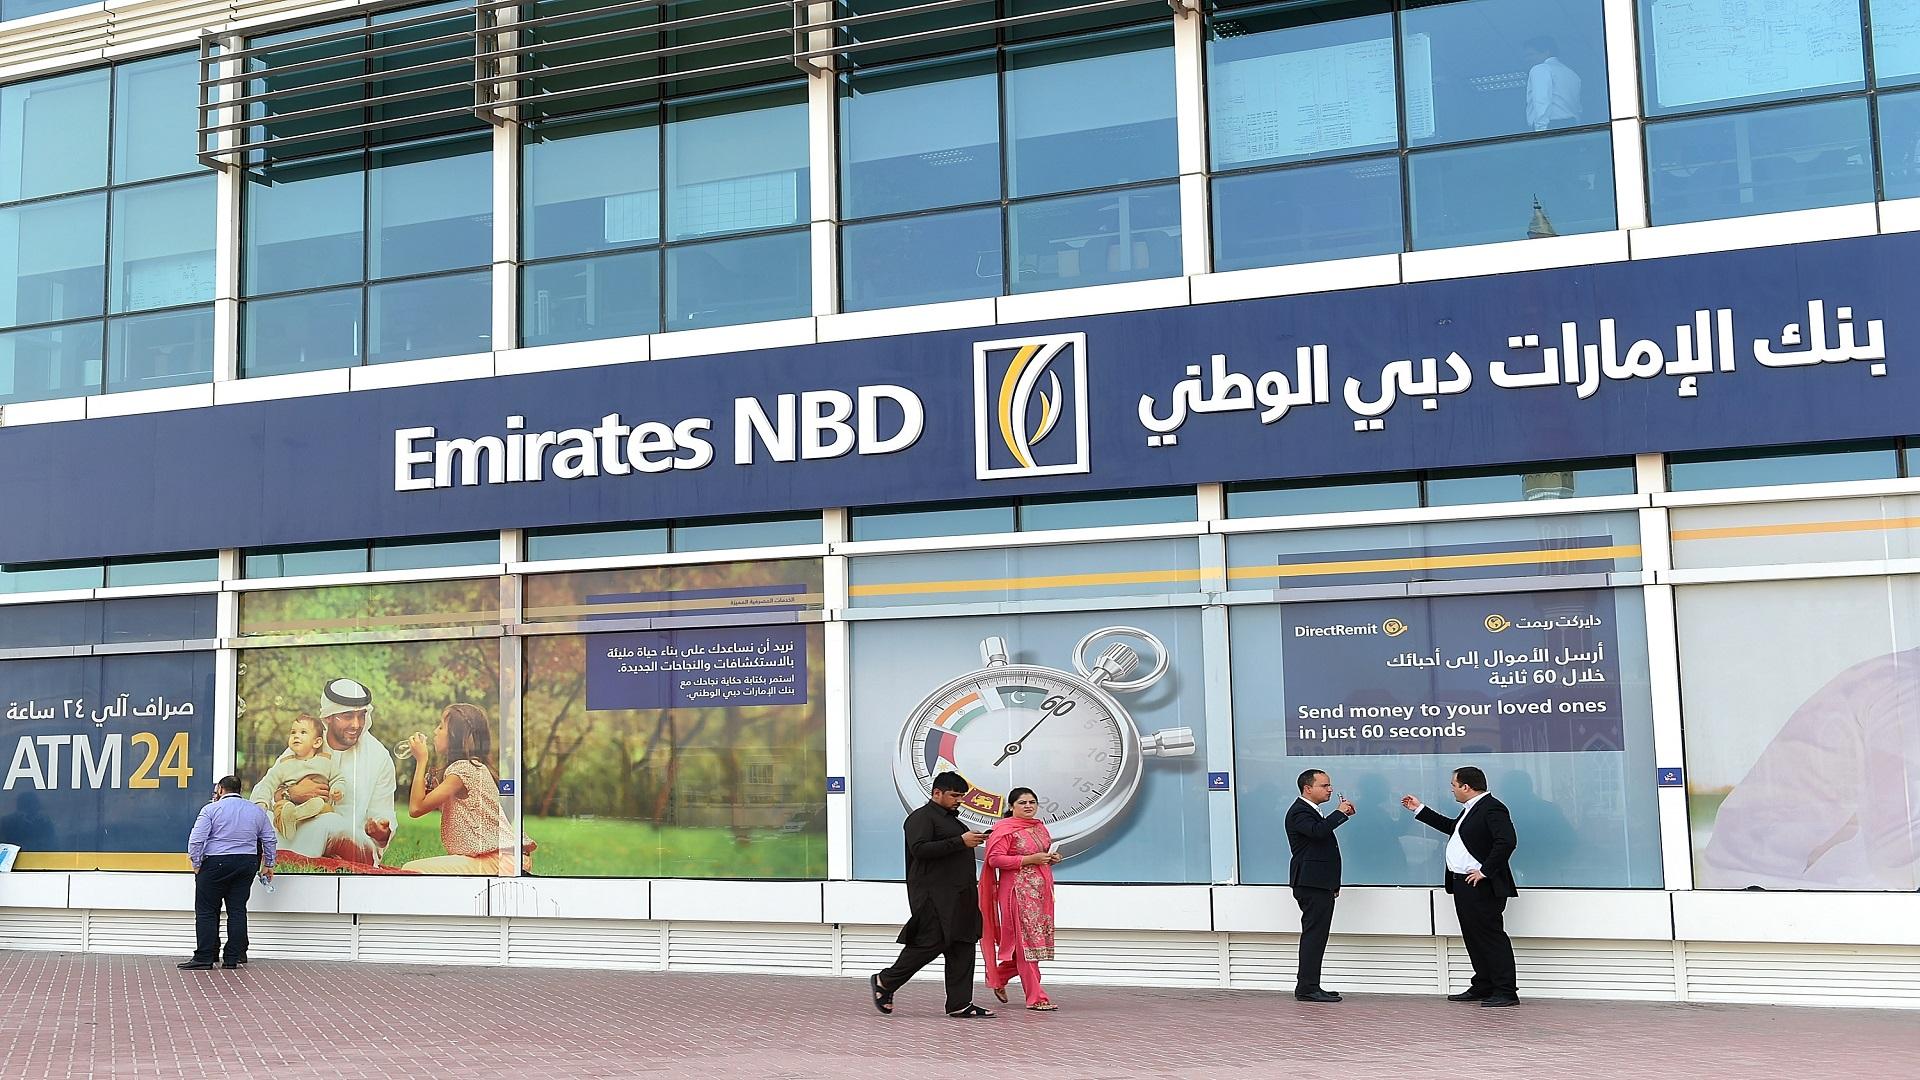 مواعيد عمل بنوك الإمارات في شهر رمضان المبارك ٢٠٢١ تجارتنا نيوز